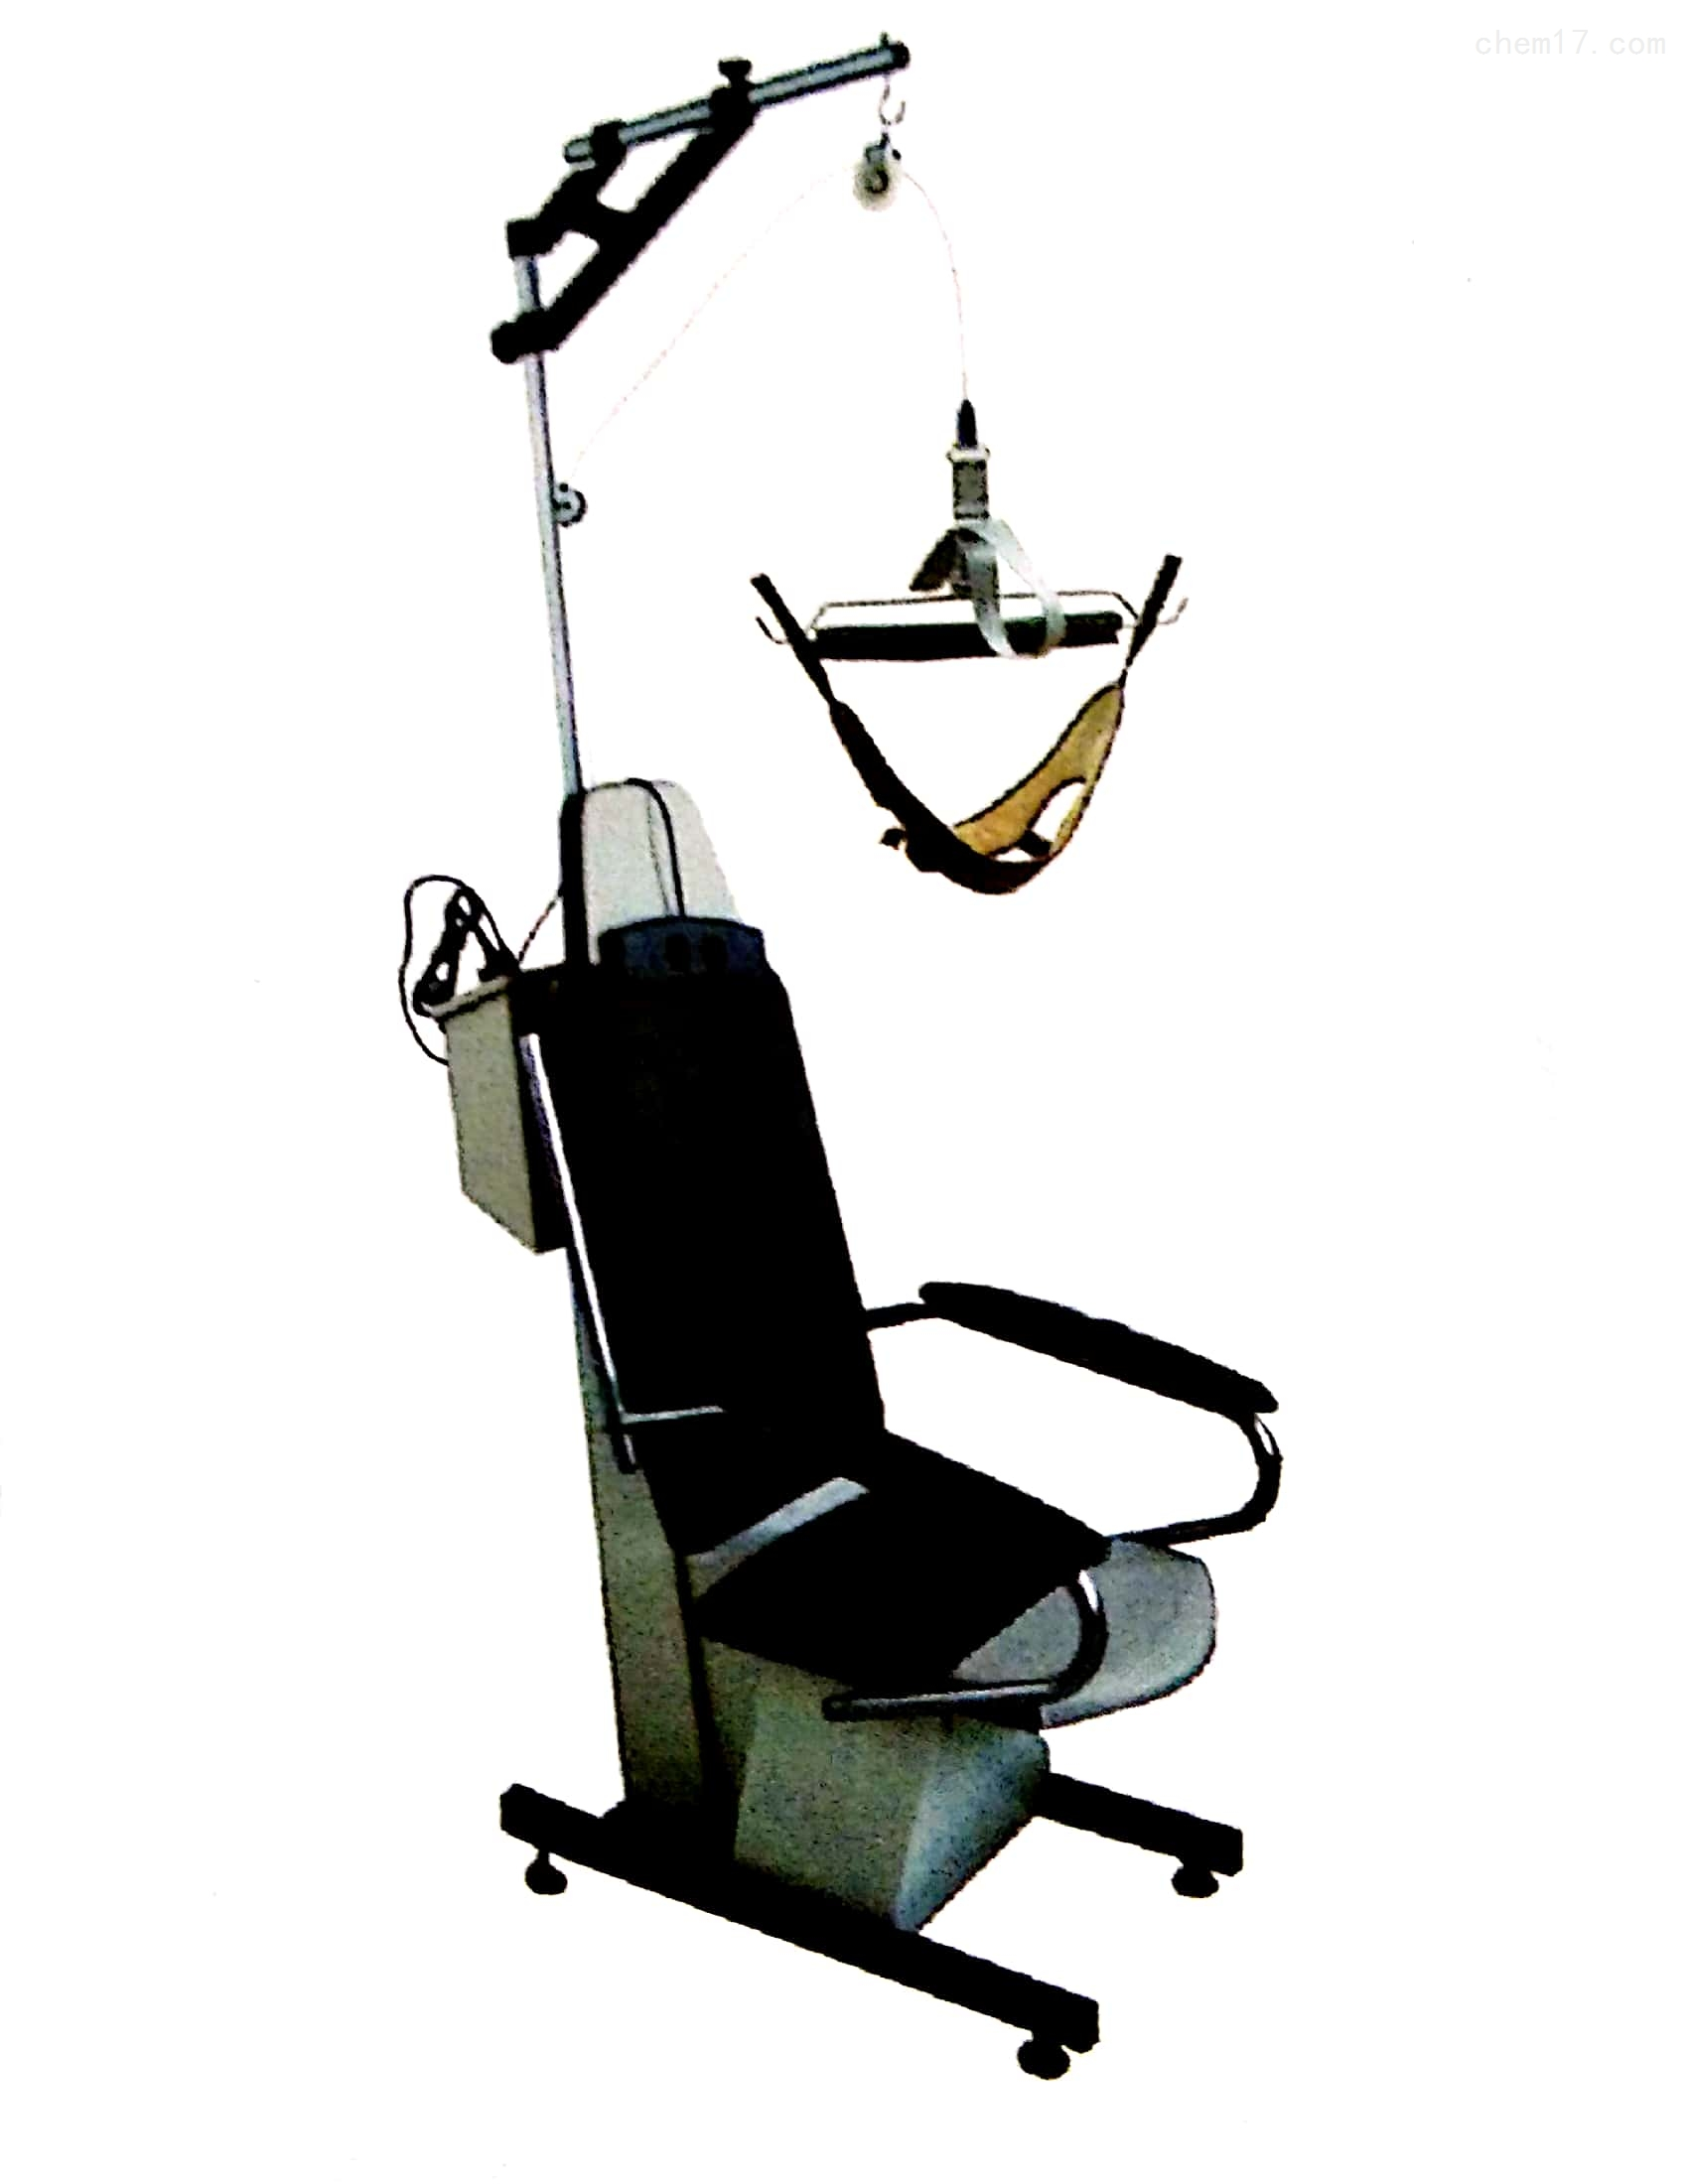 IB型颈椎牵引治疗仪